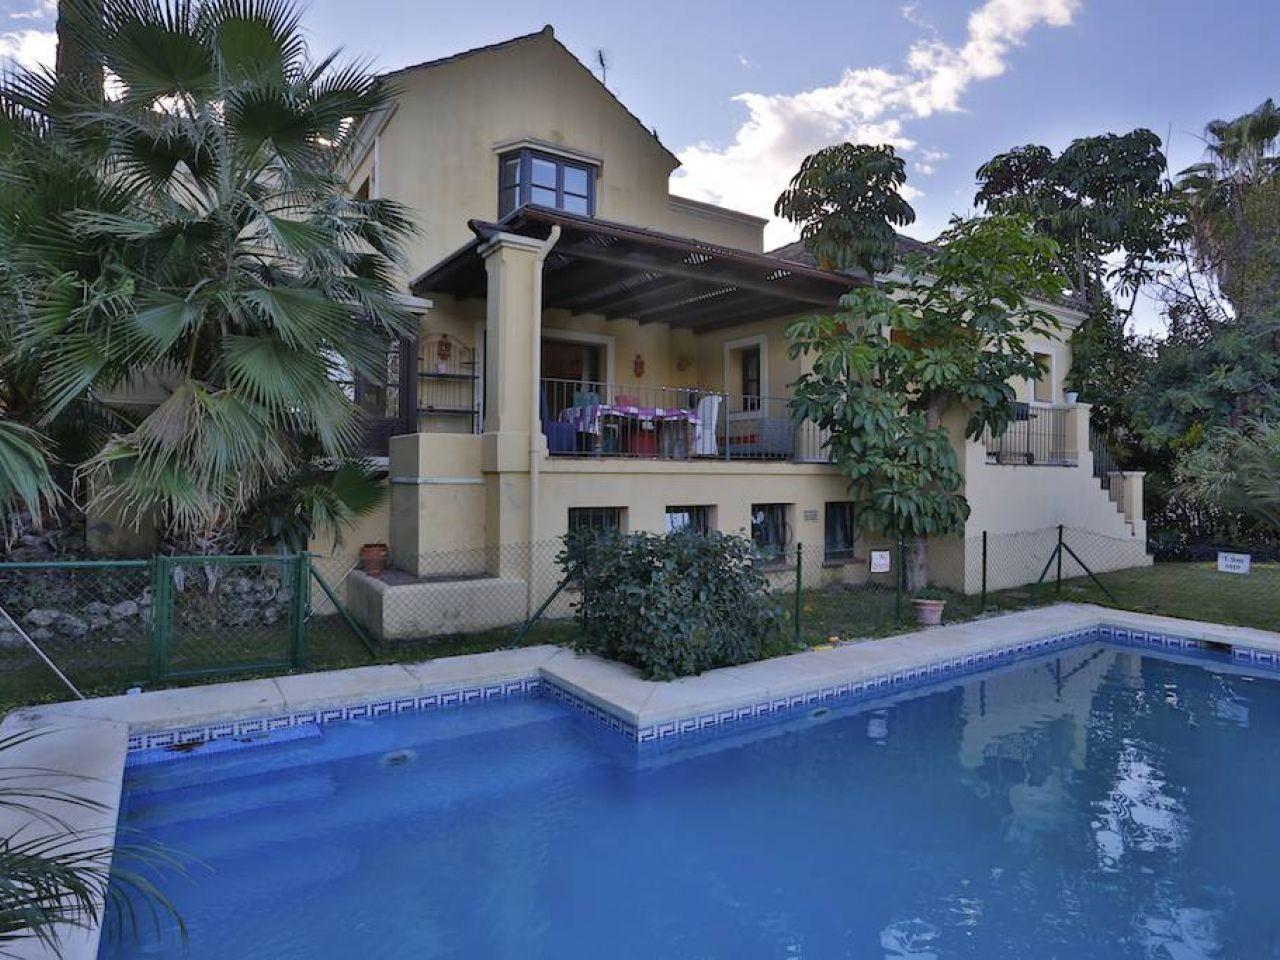 Maison unifamiliale pour l Vente à villa frontline golf guadalmina alta Other Costa Del Sol, Costa Del Sol, 29670 Espagne